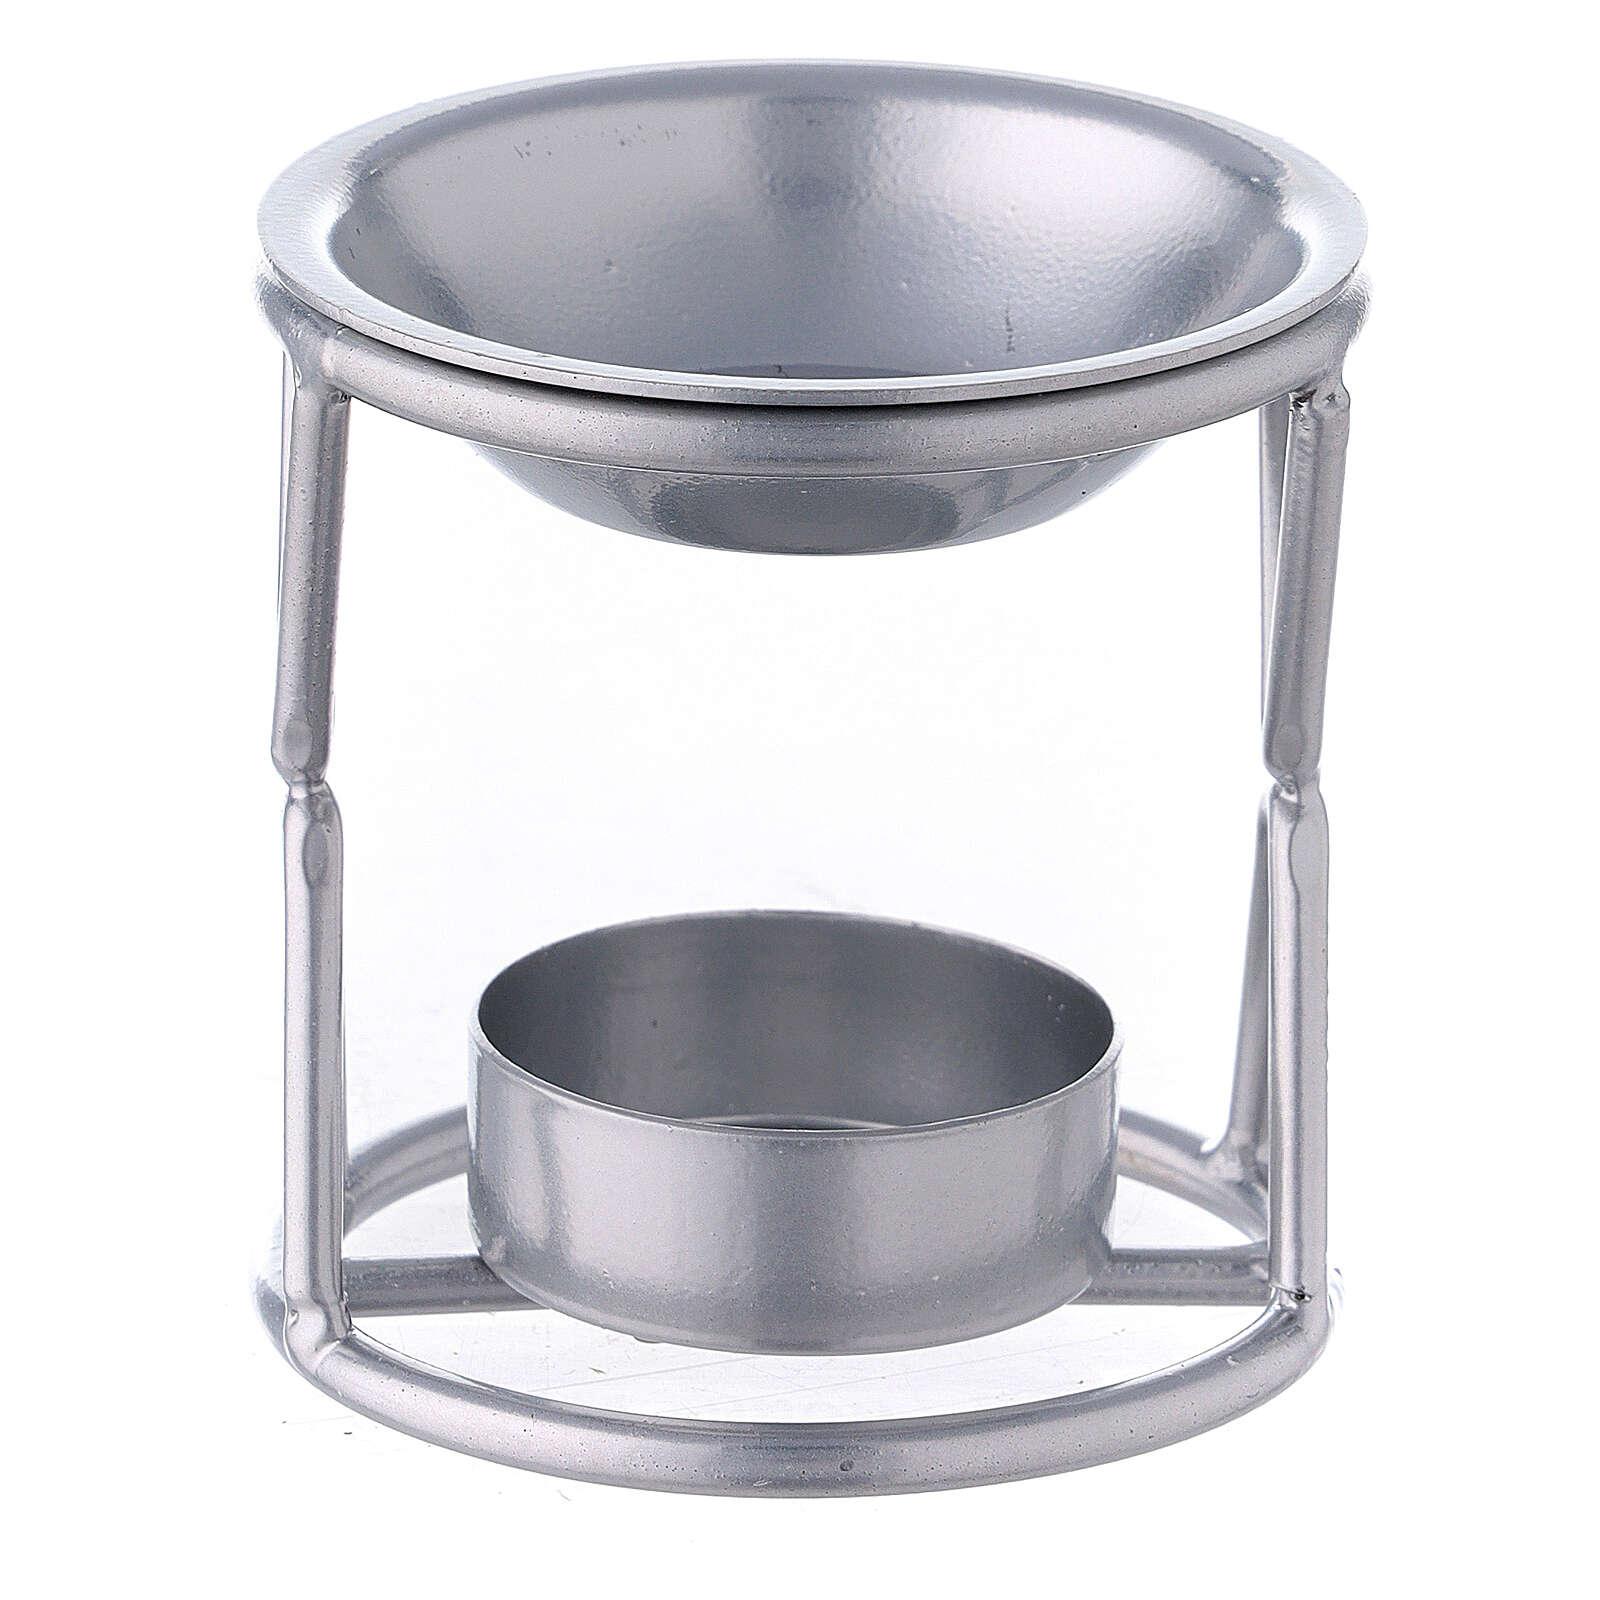 Brûle-encens bougie chauffe-plat support X fer argenté 3